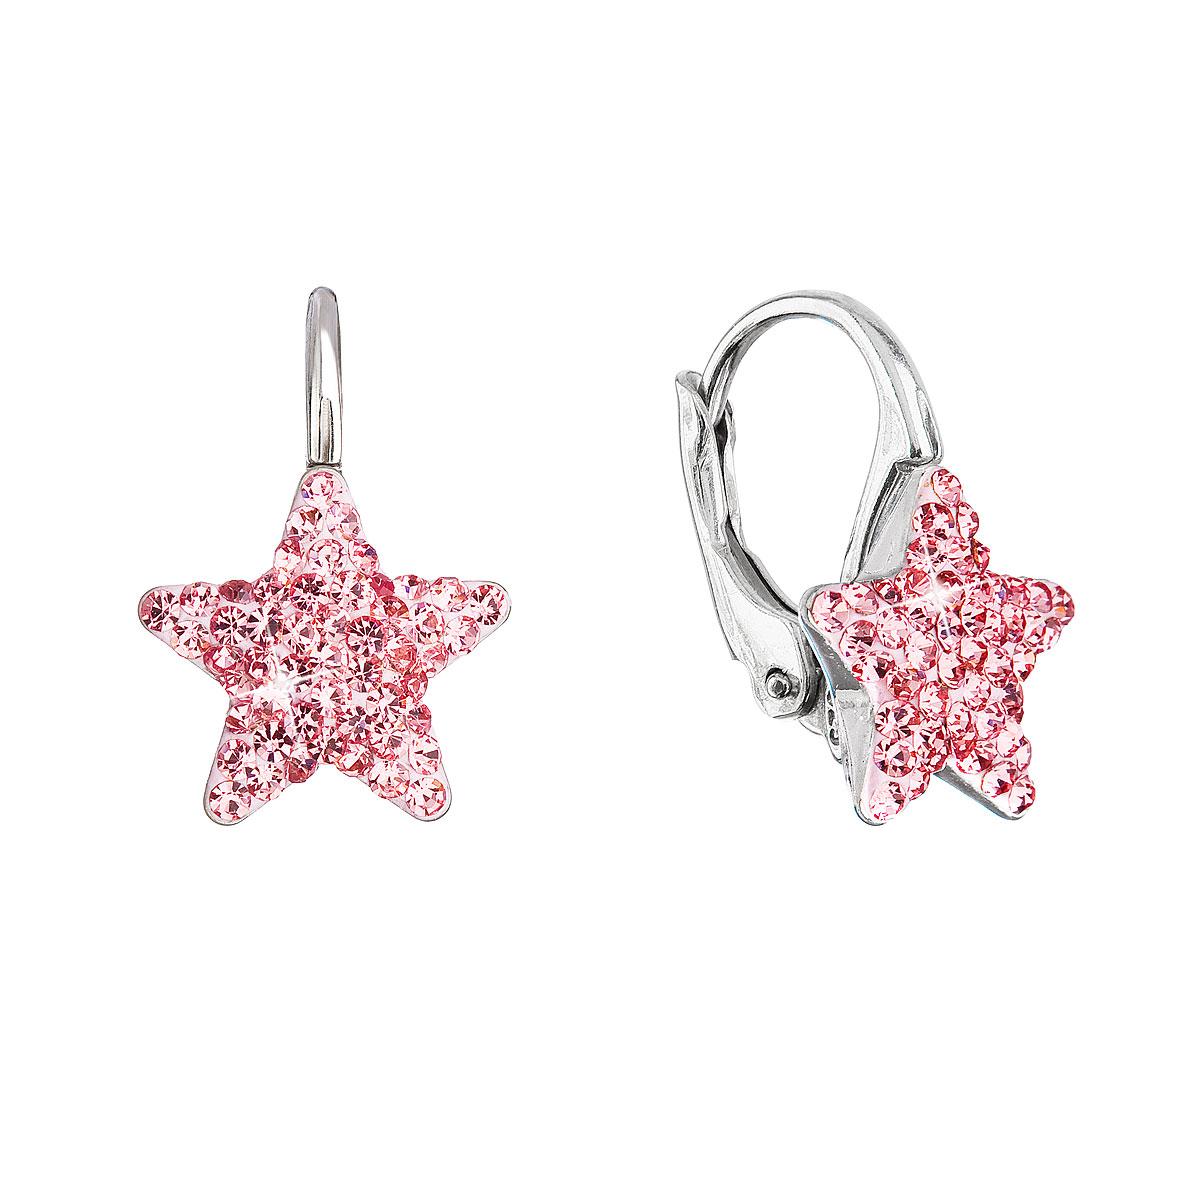 Evolution Group Stříbrné náušnice visací s Preciosa krystaly růžové hvězdičky 31311.3 lt.rose